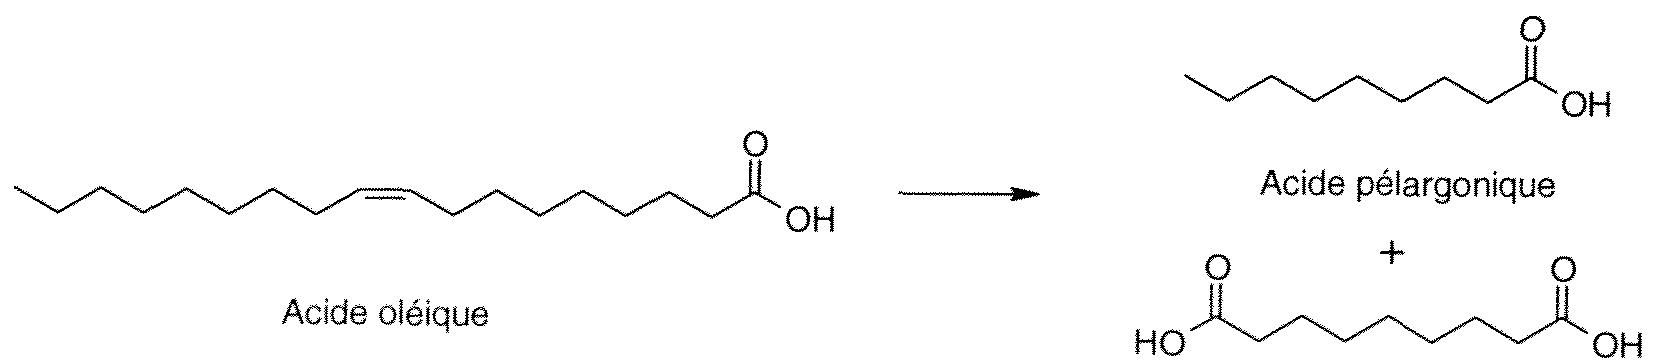 et d acide oleique contenu dans l huile